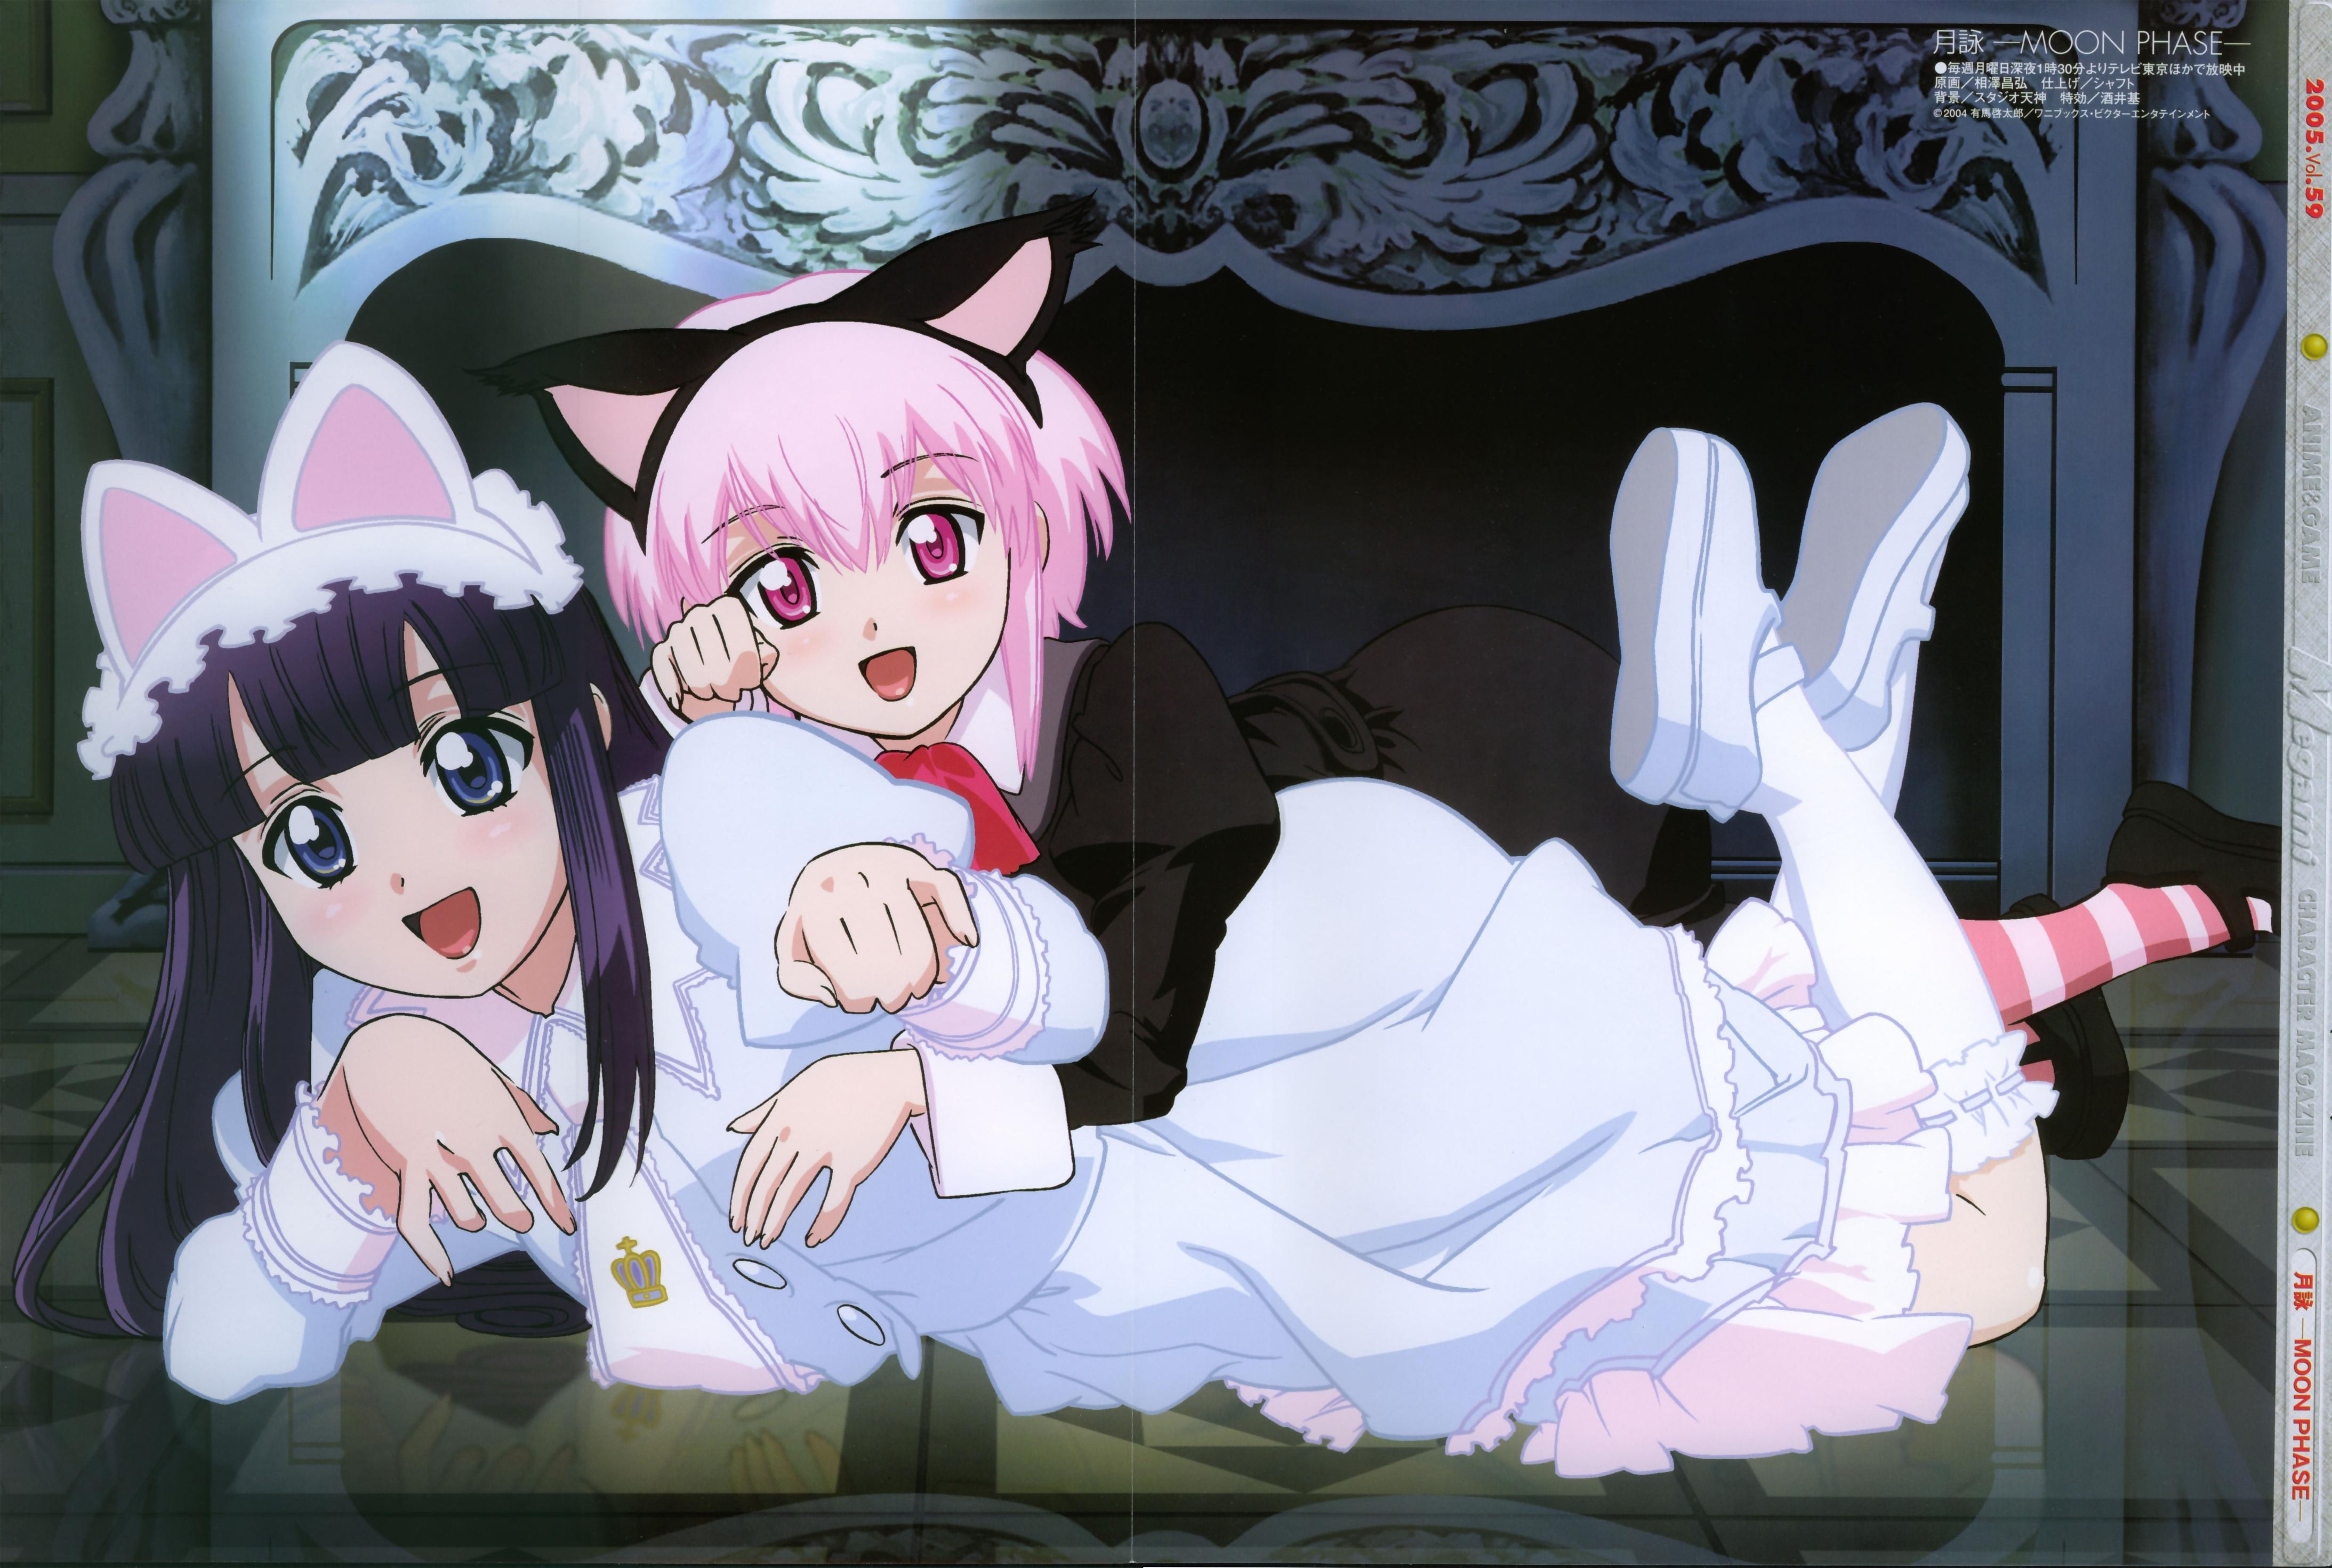 2girls Aizawa Masahiro Animal Ears Artemis Dress Hazuki Pink Eyes Pink Hair Tsukuyomi Moon Phase2828